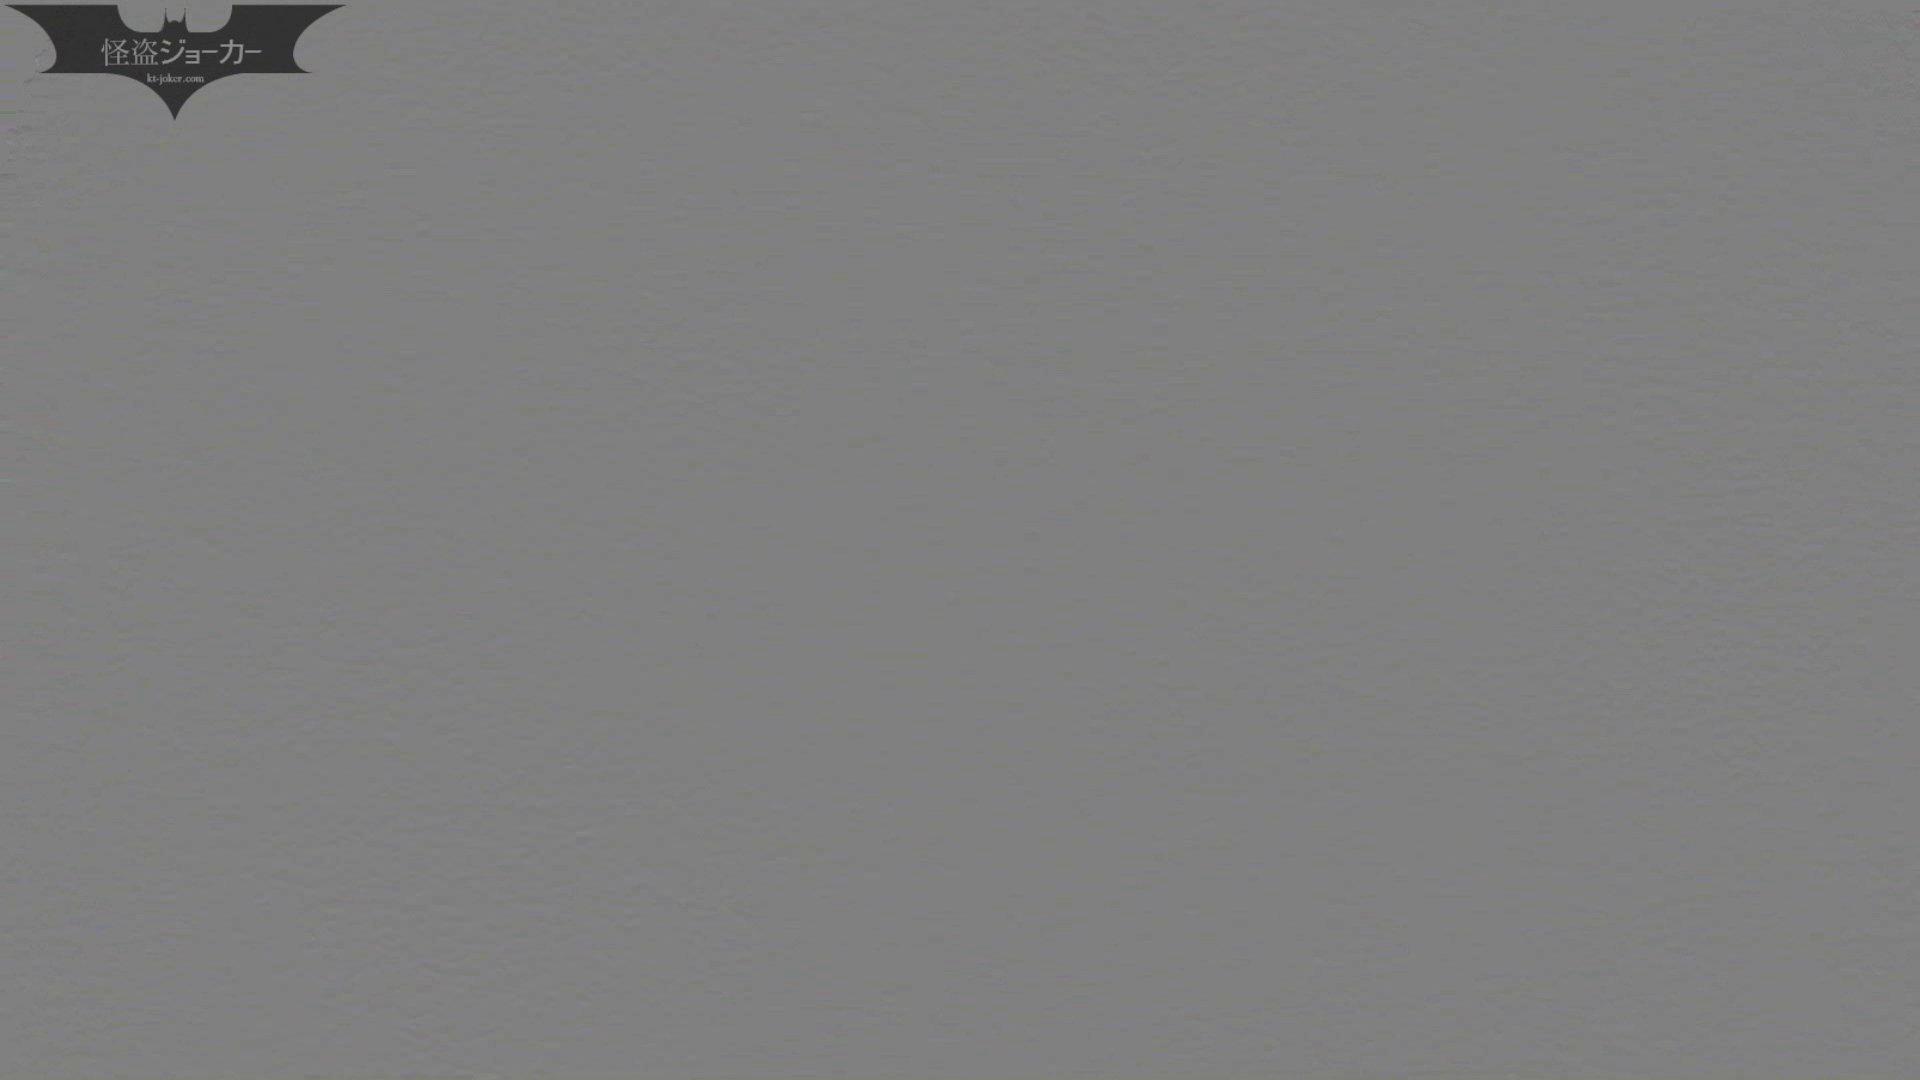 洗面所特攻隊 vol.46続編 サムネの子の・・・【2015・23位】 洗面所着替え | 潜入エロ調査  37連発 21